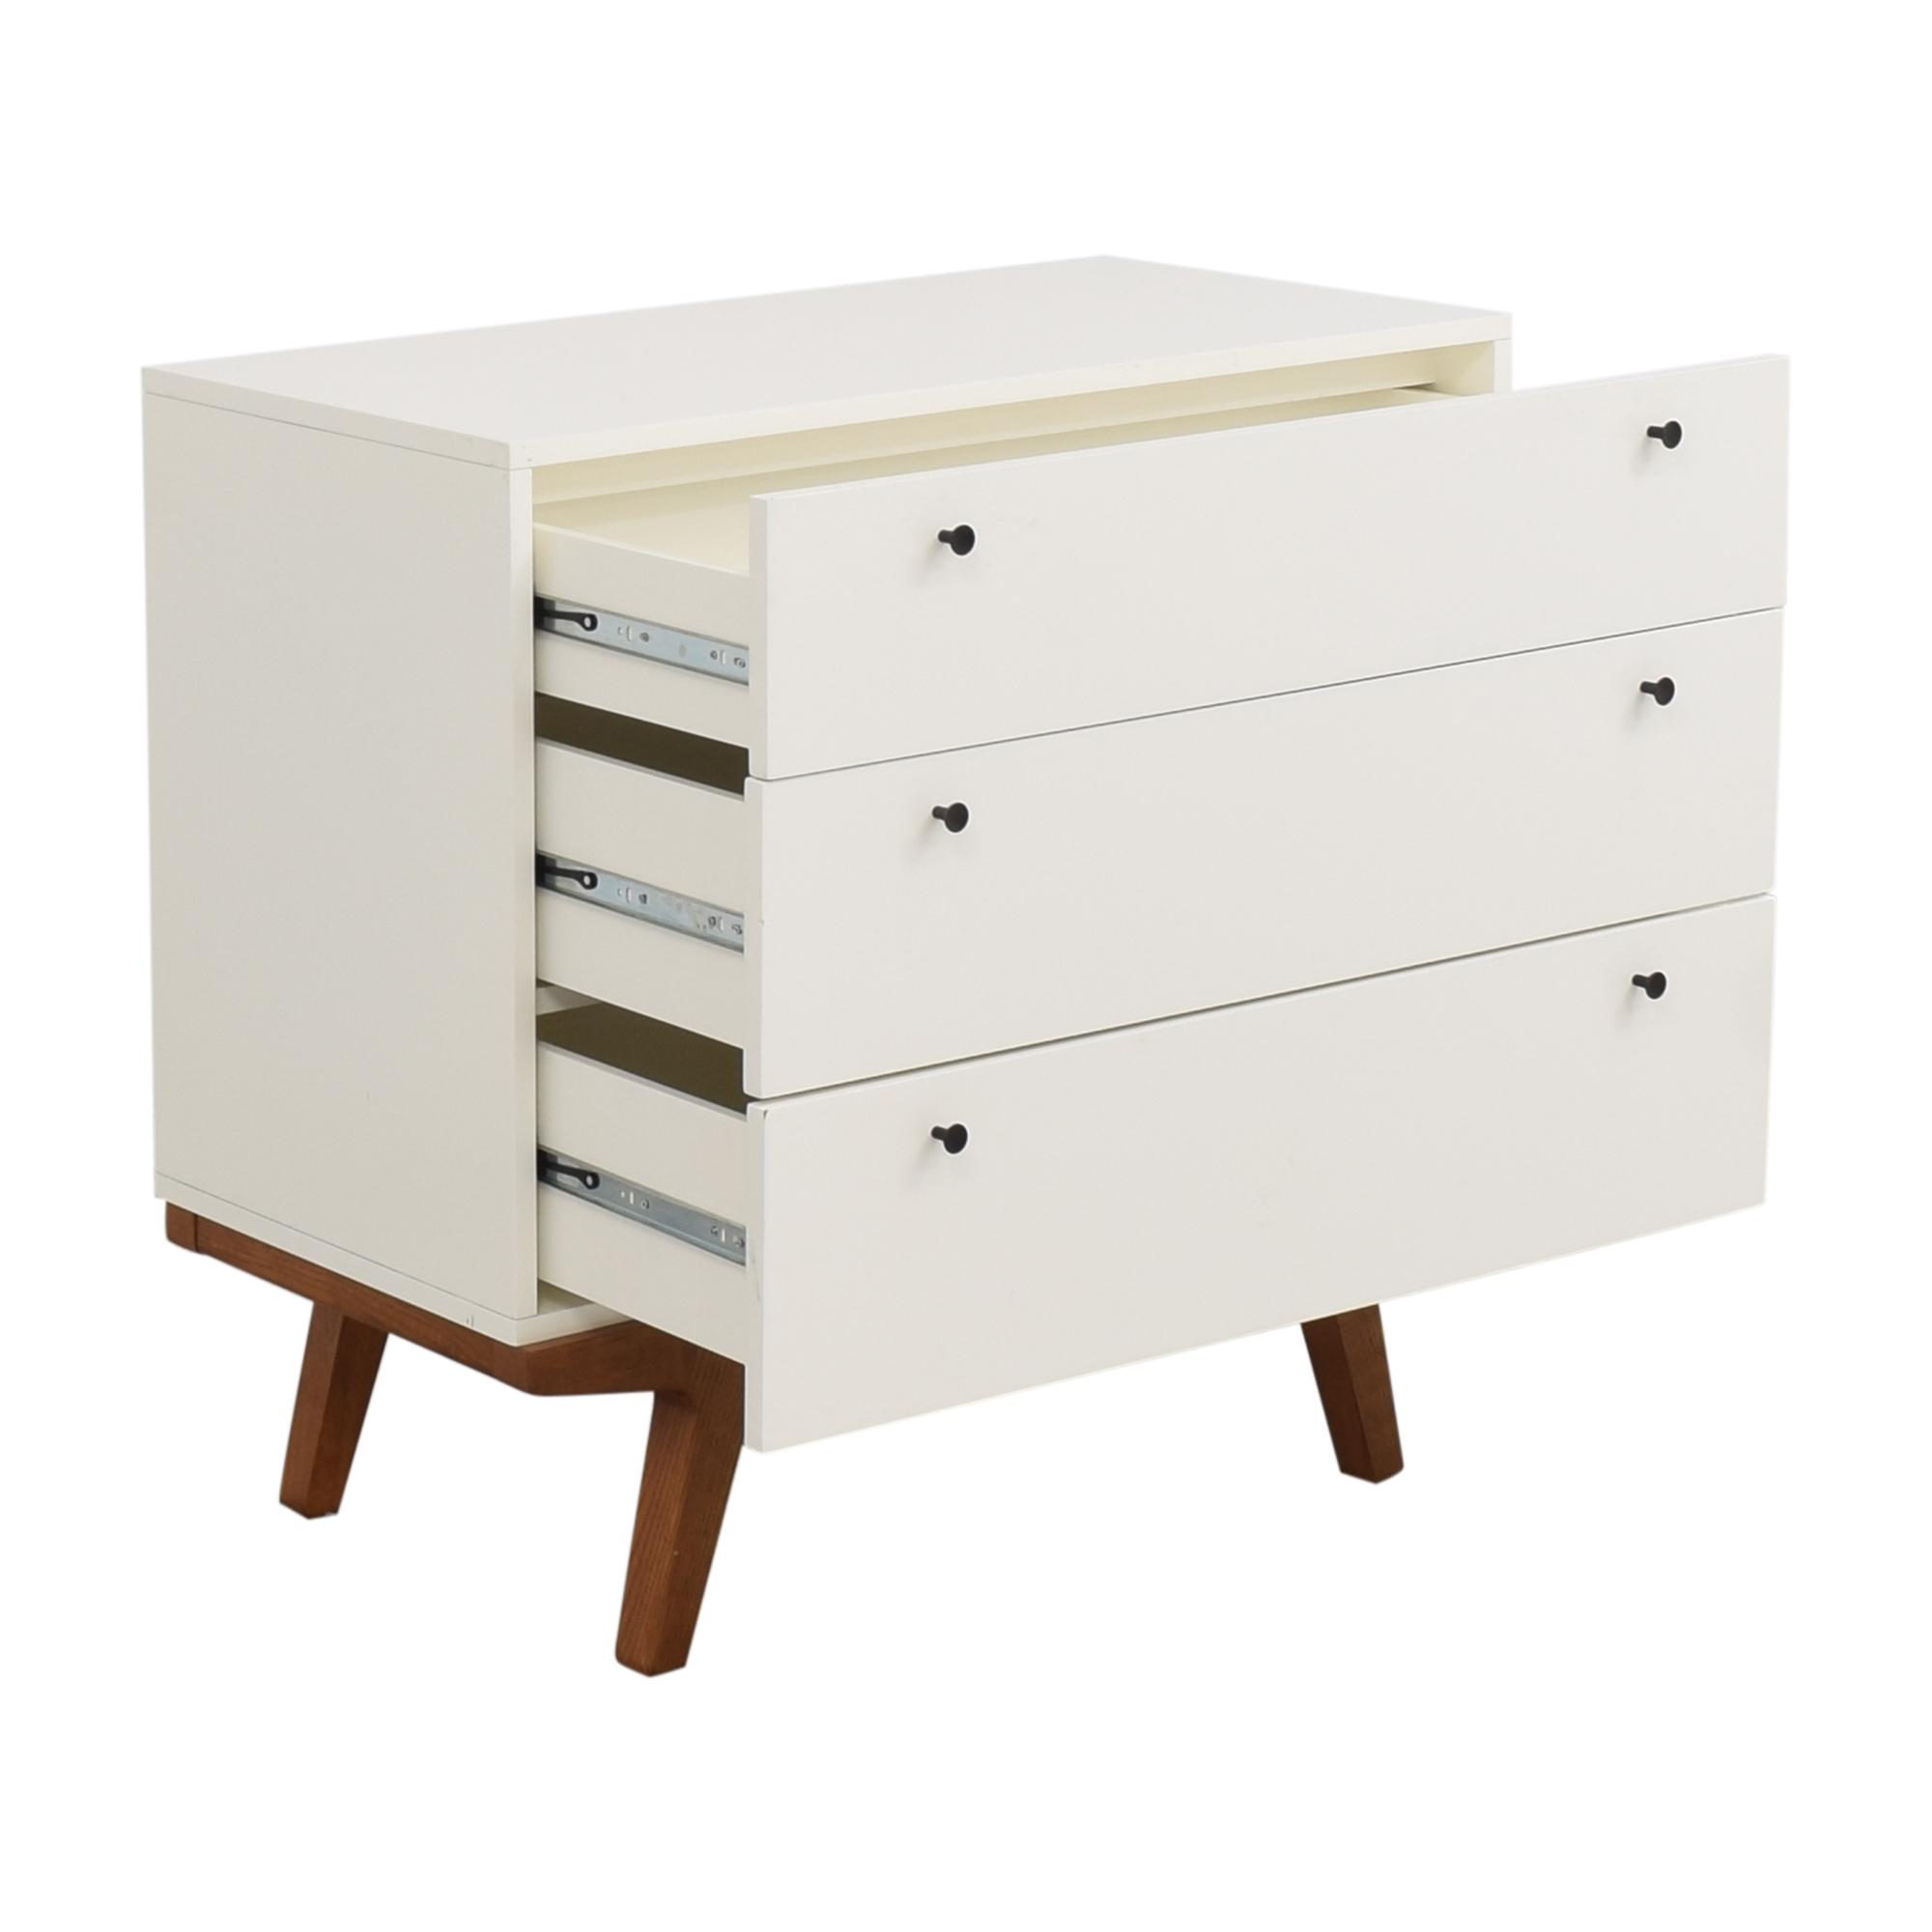 West Elm West Elm Modern 3-Drawer Dresser for sale